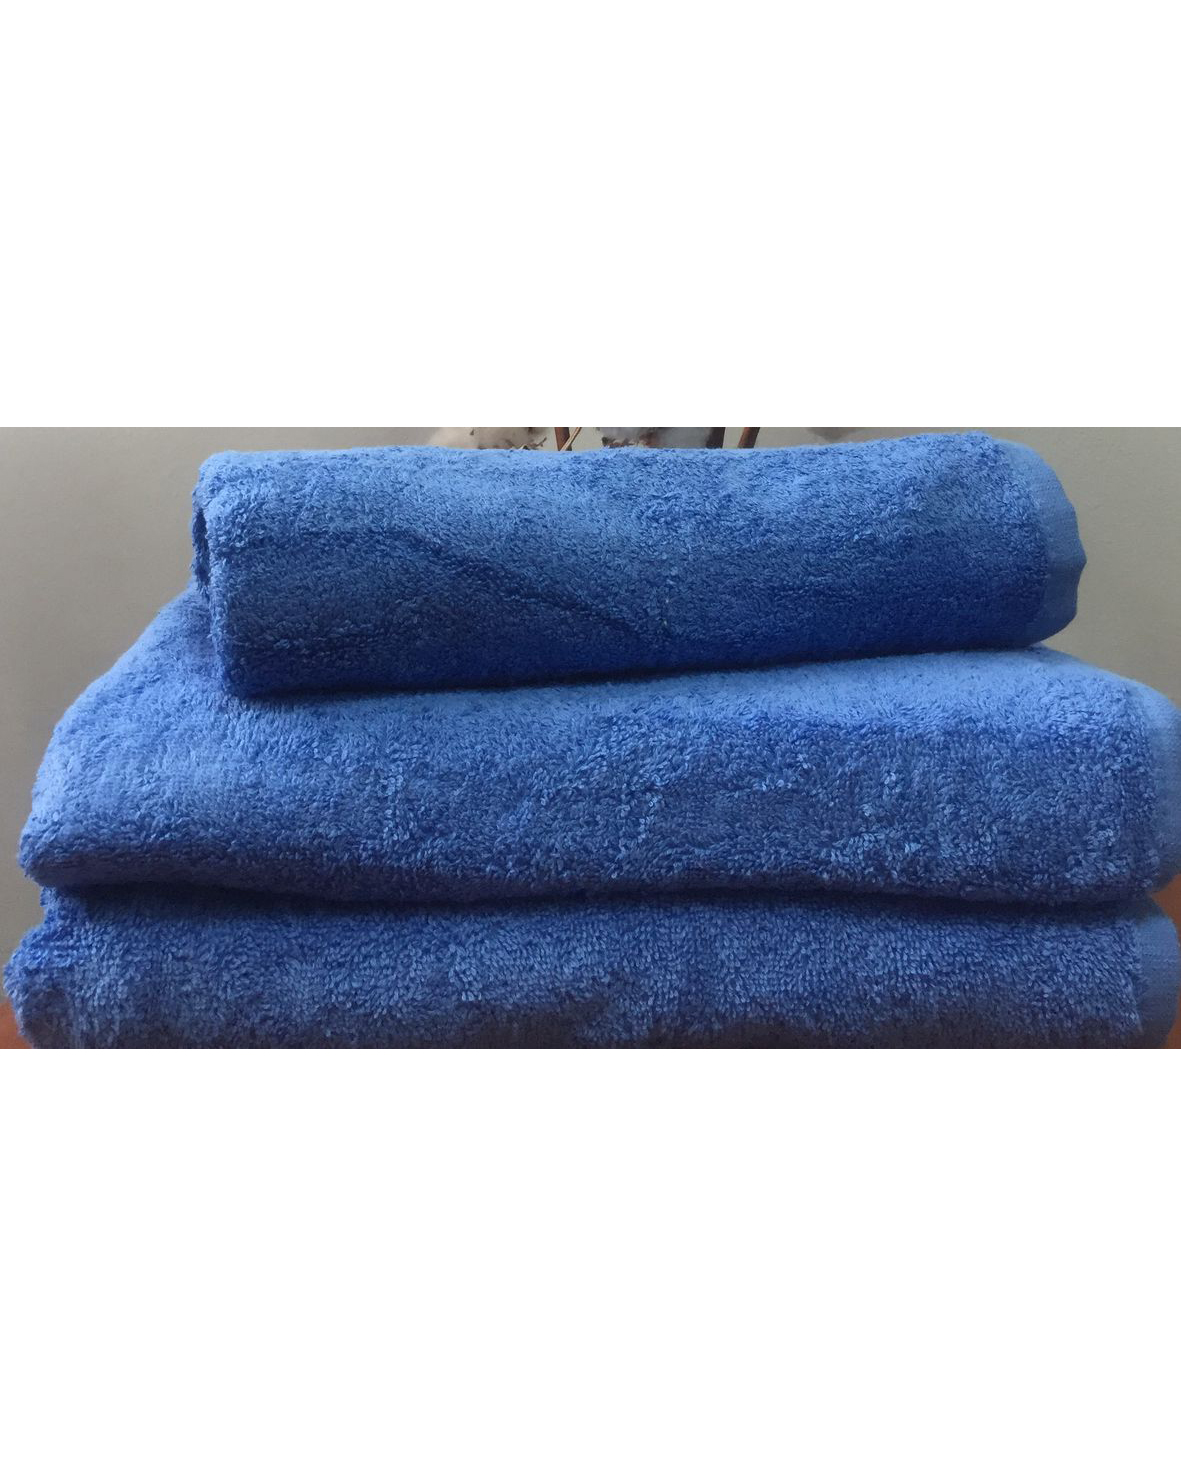 Махровое полотенце пл.500 гр/м2 без бордюров, синий